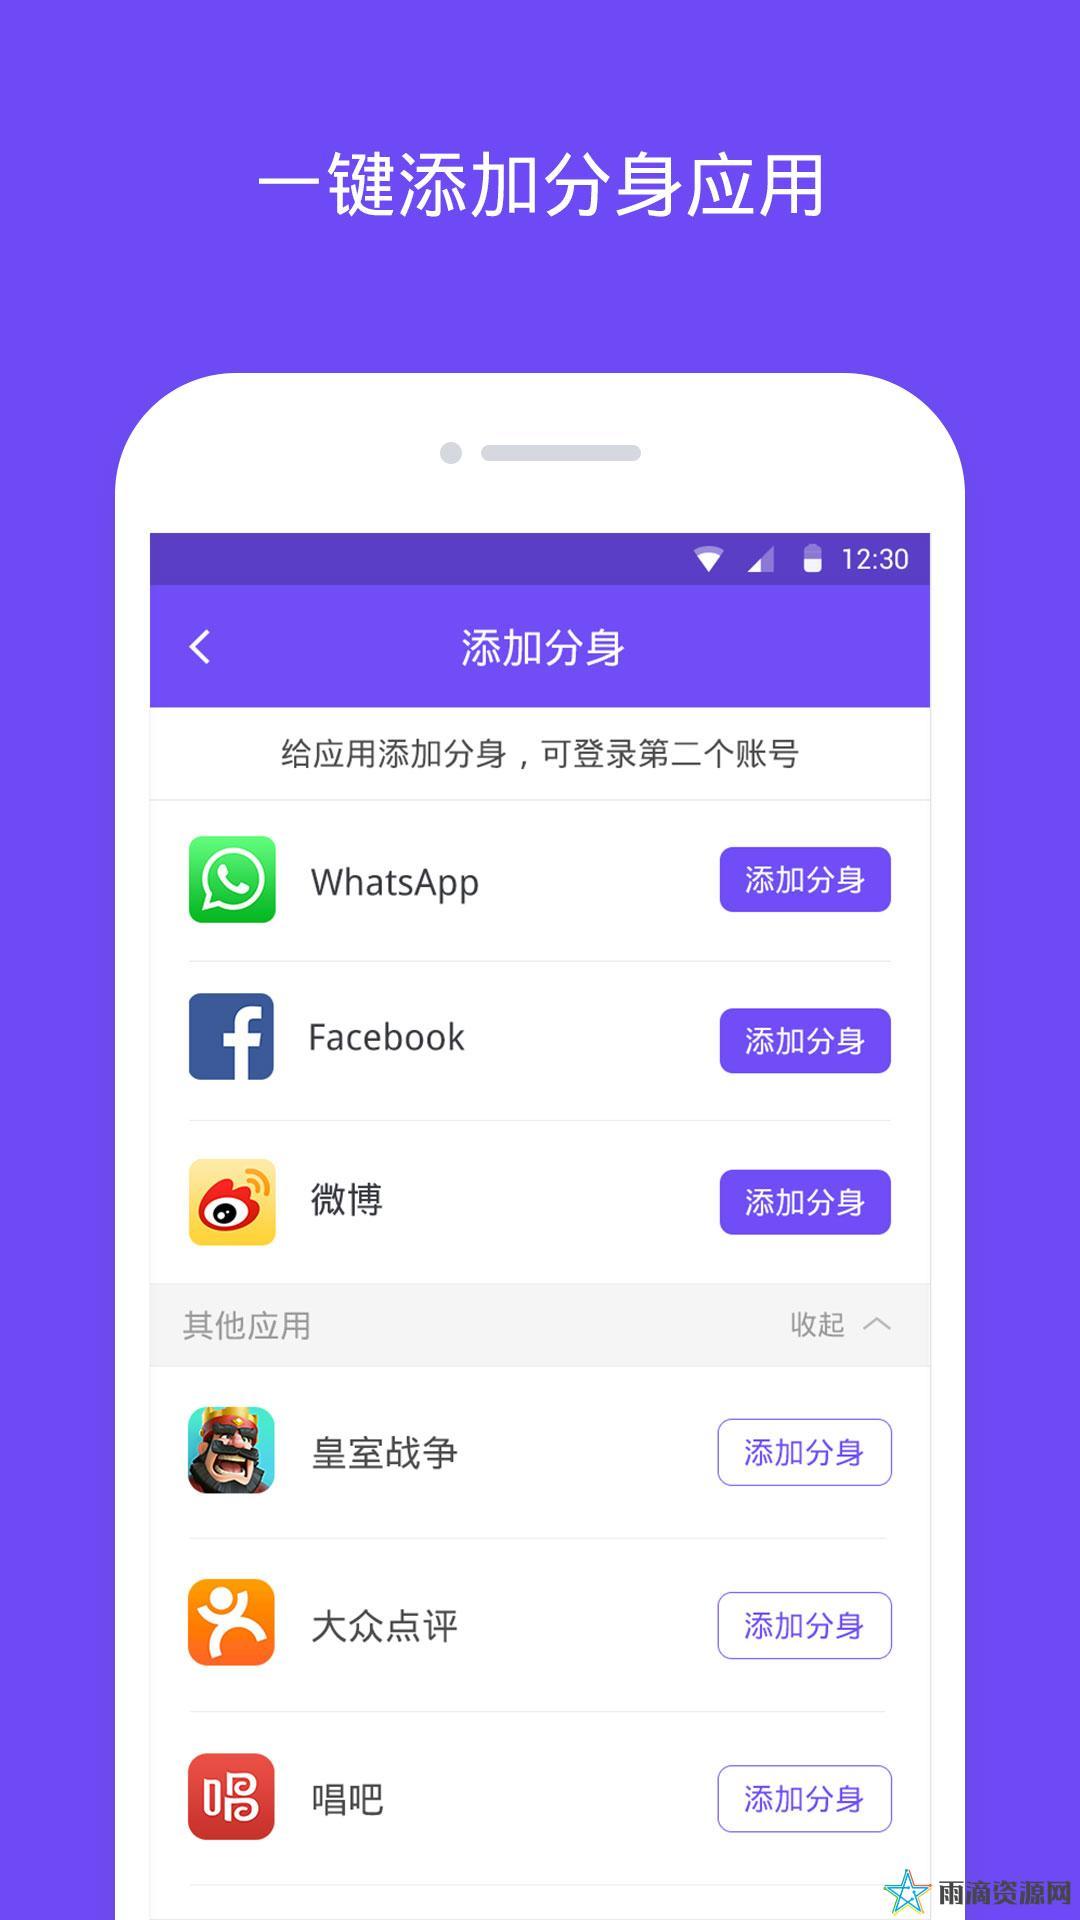 【手机app】分身大师去广告高级功能破解版